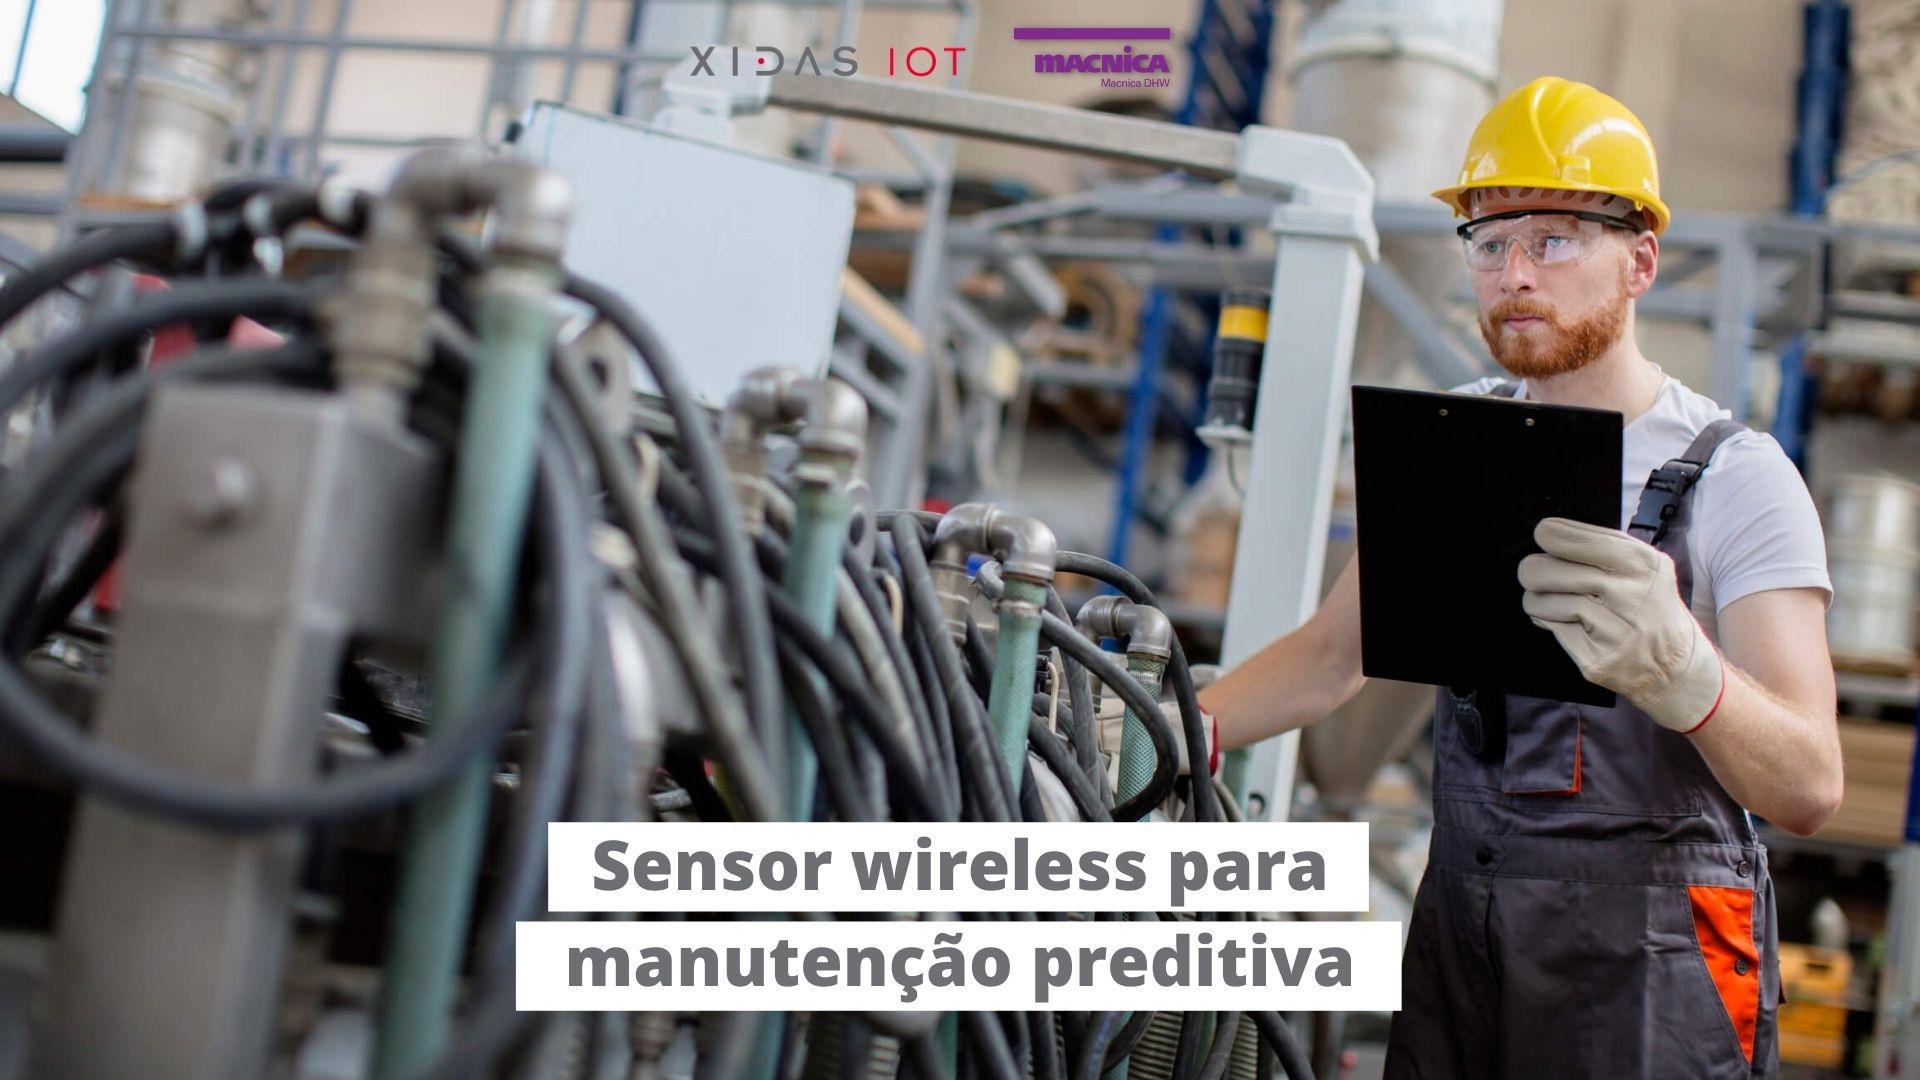 You are currently viewing Sensor wireless para manutenção preditiva